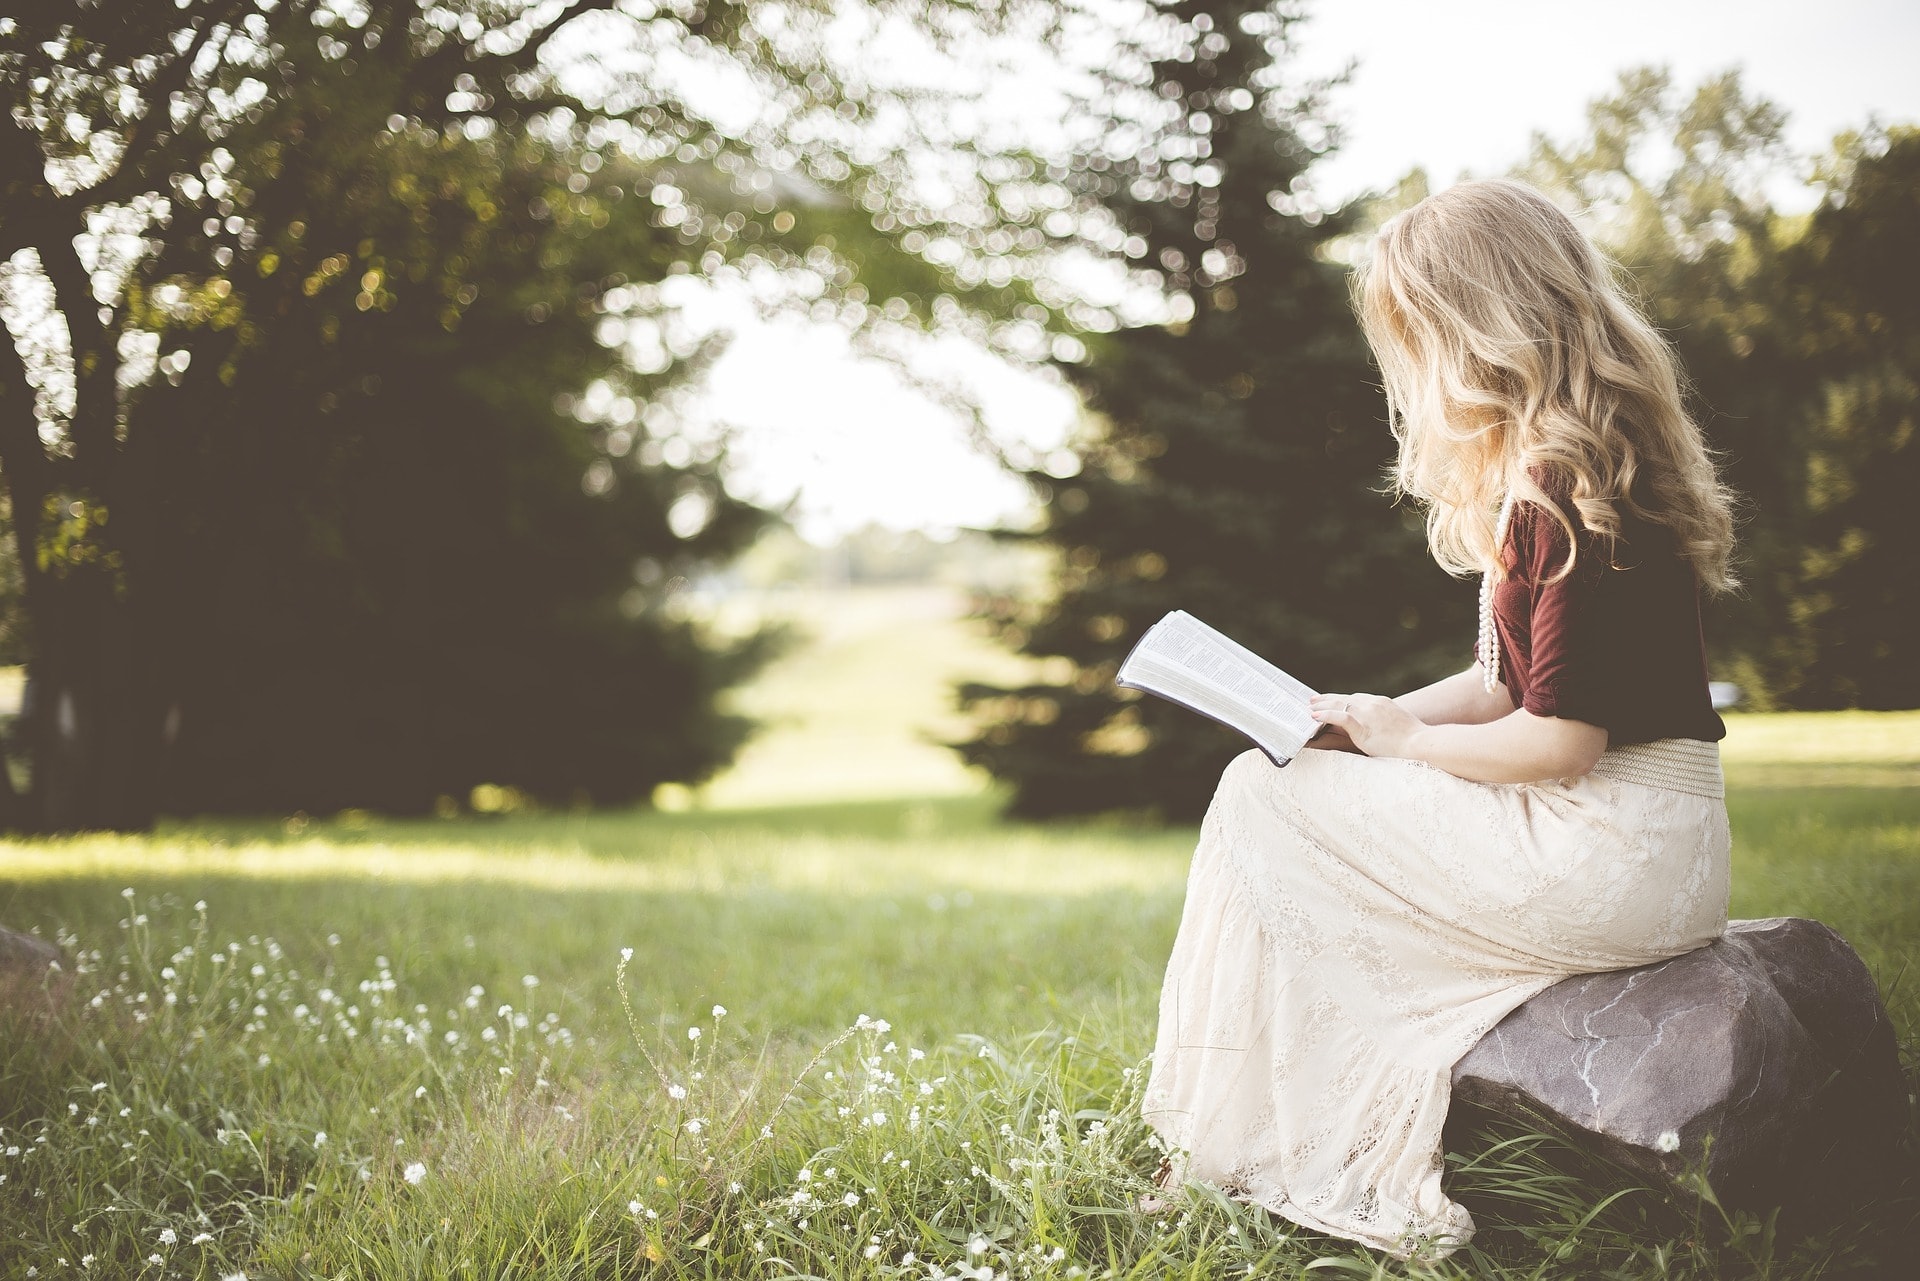 knjiga, 10 knjiga koje svaka žena treba da pročita: Promeniće vam život!